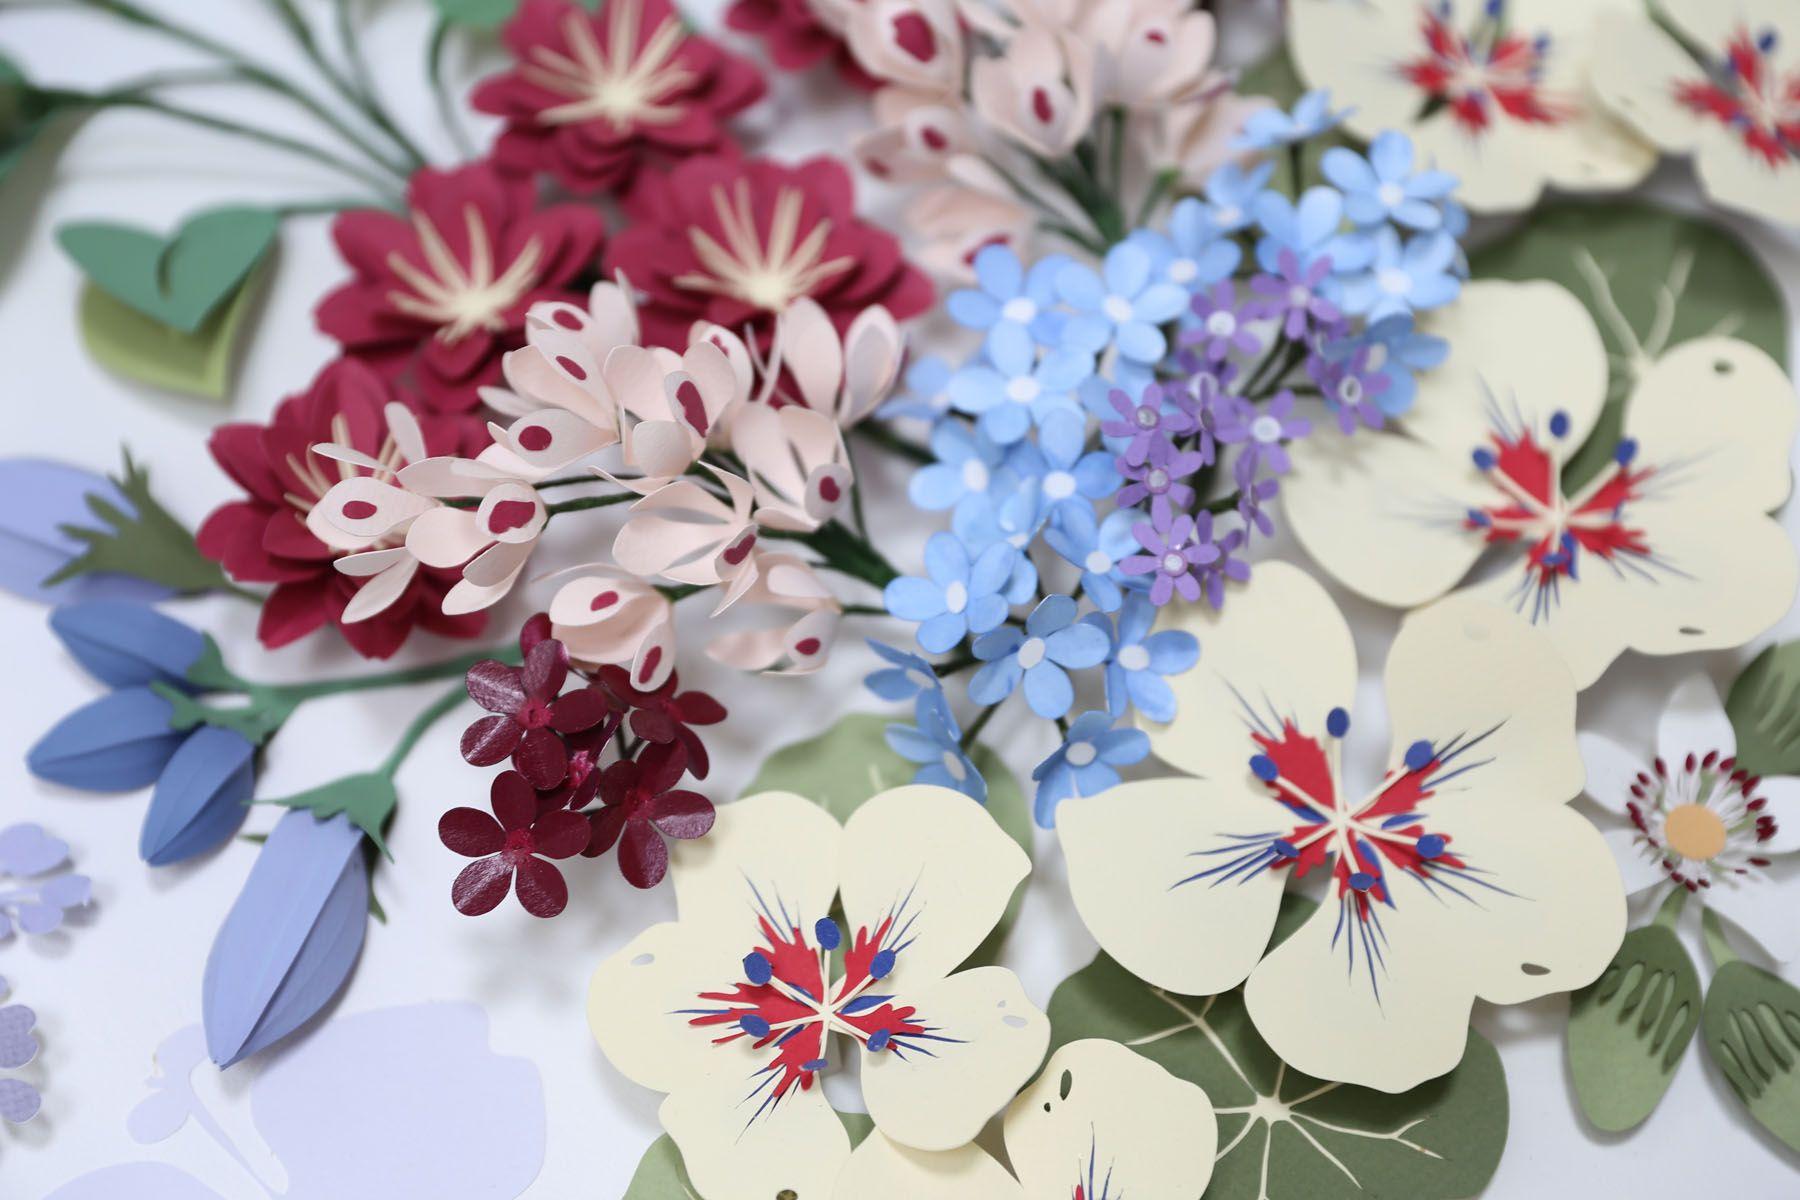 Paper Artist Sculptor colour composition botanical natural